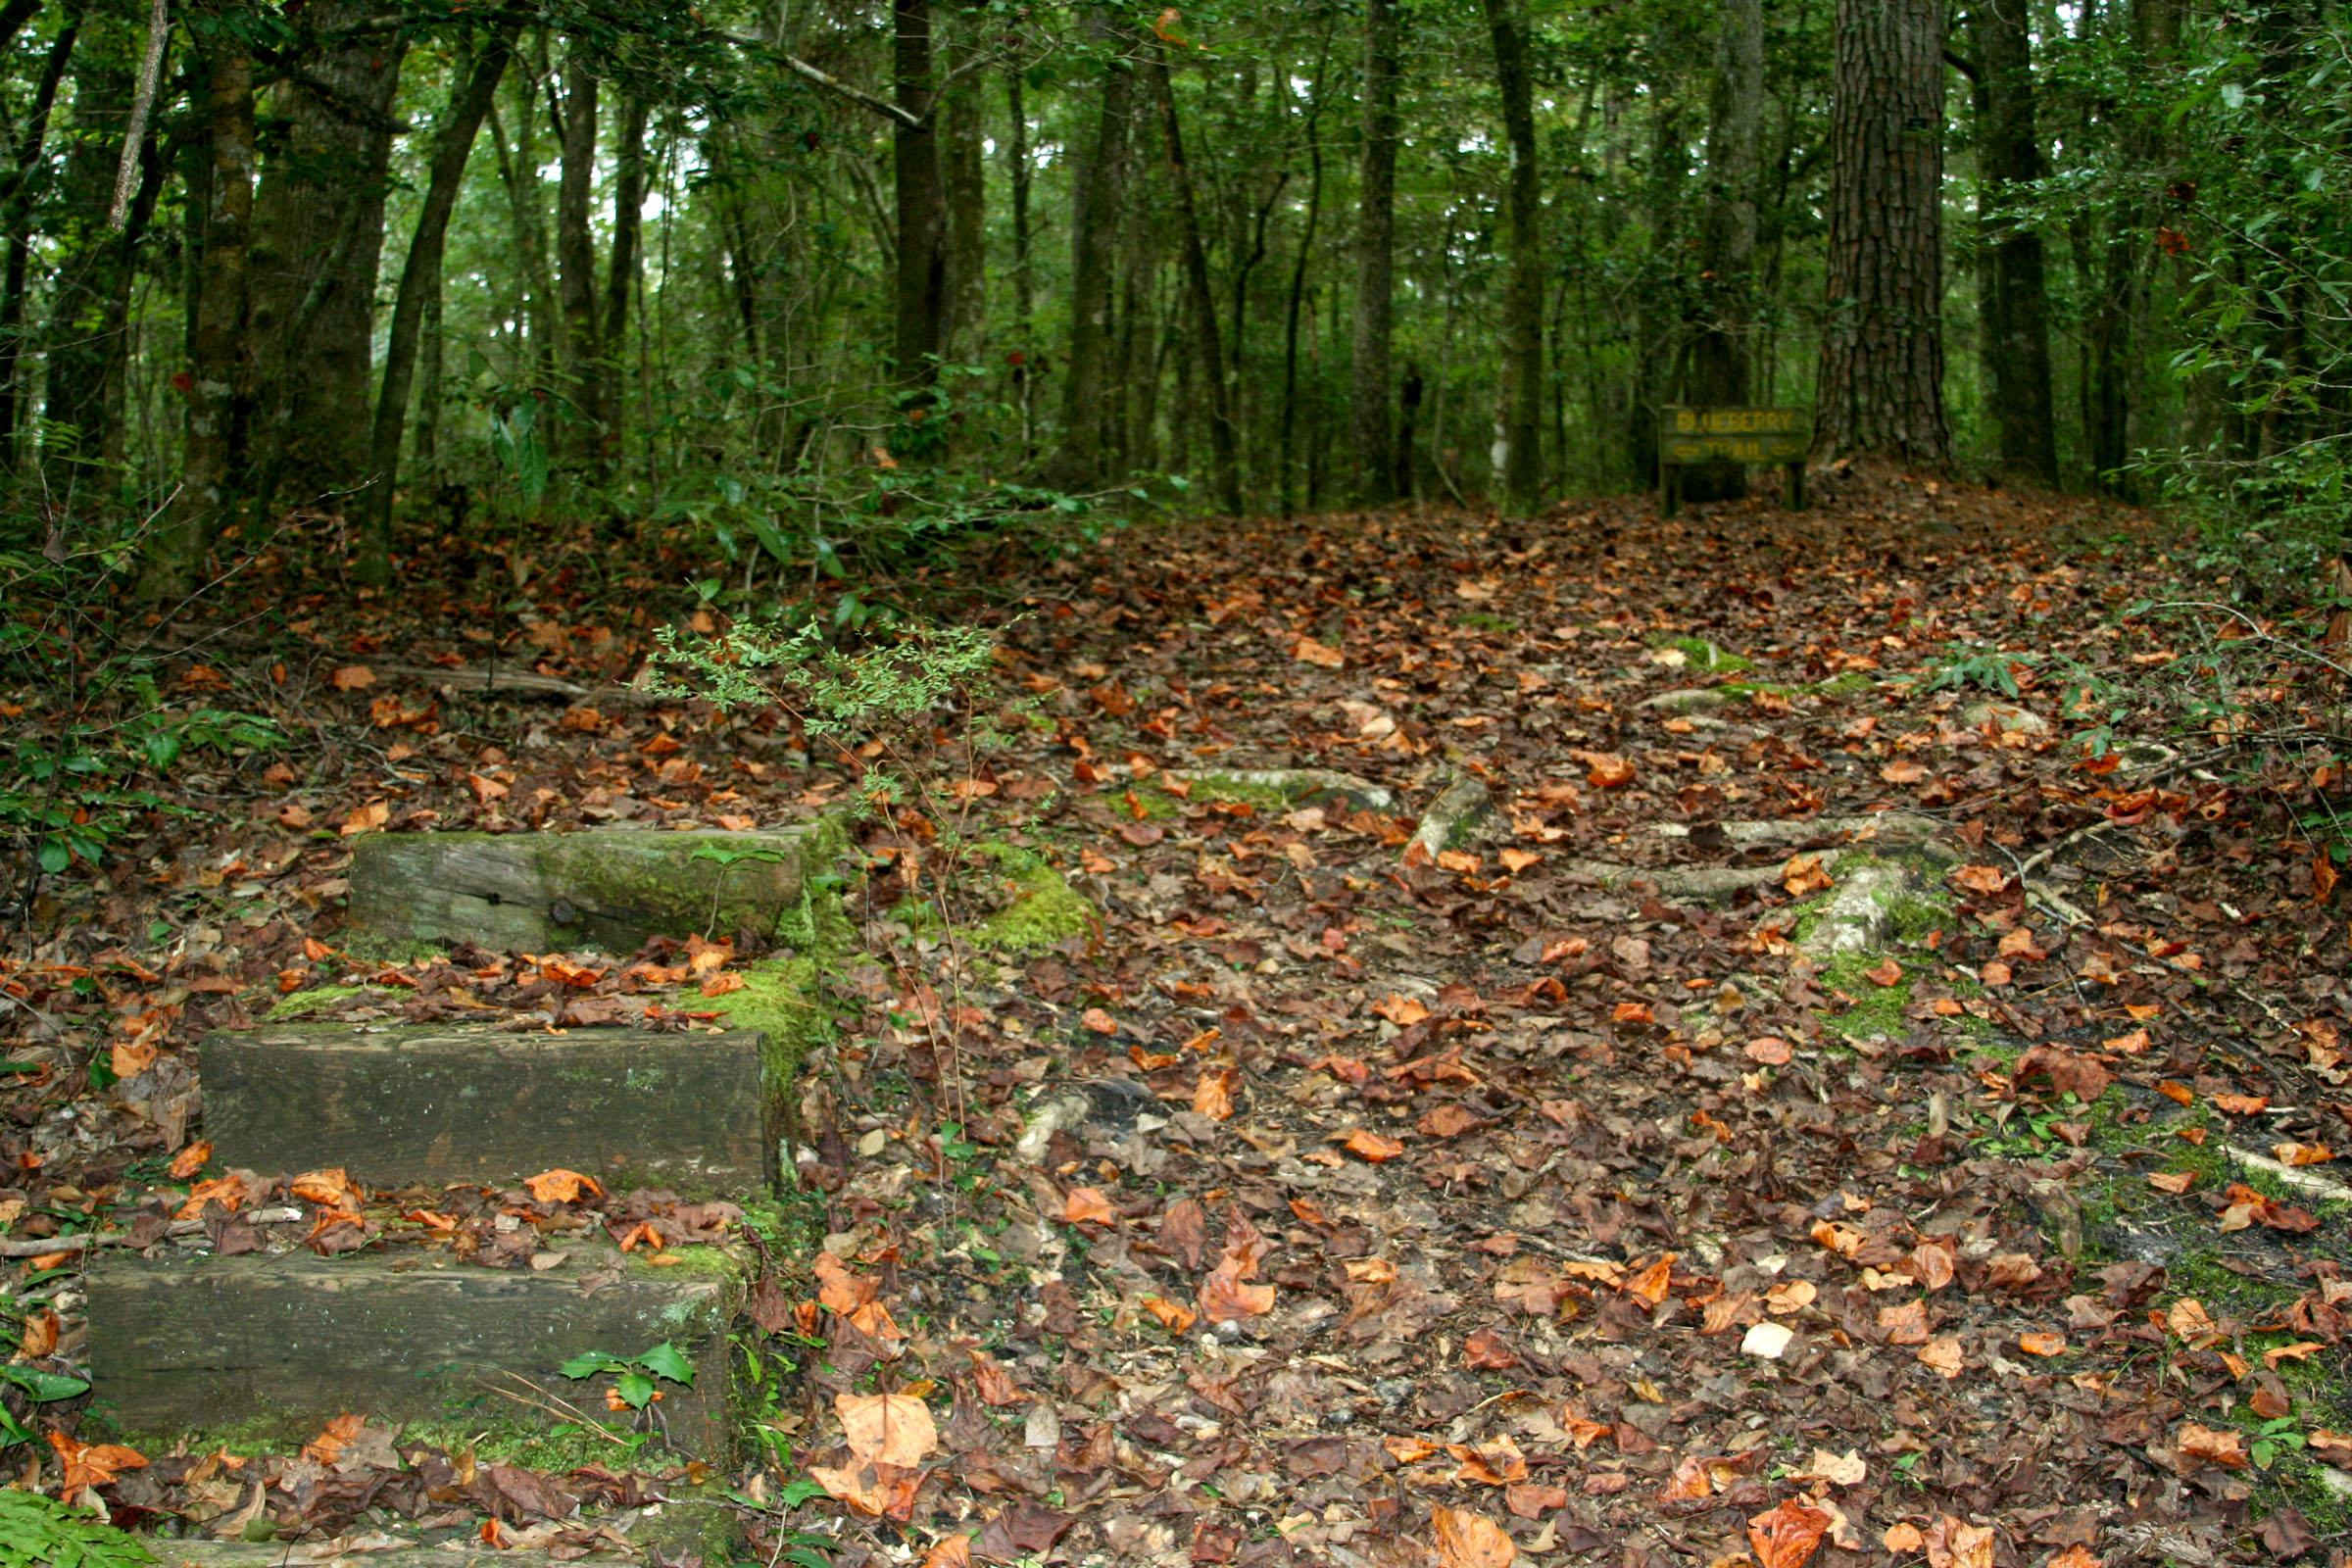 Ev Henwood Park, Leland NC